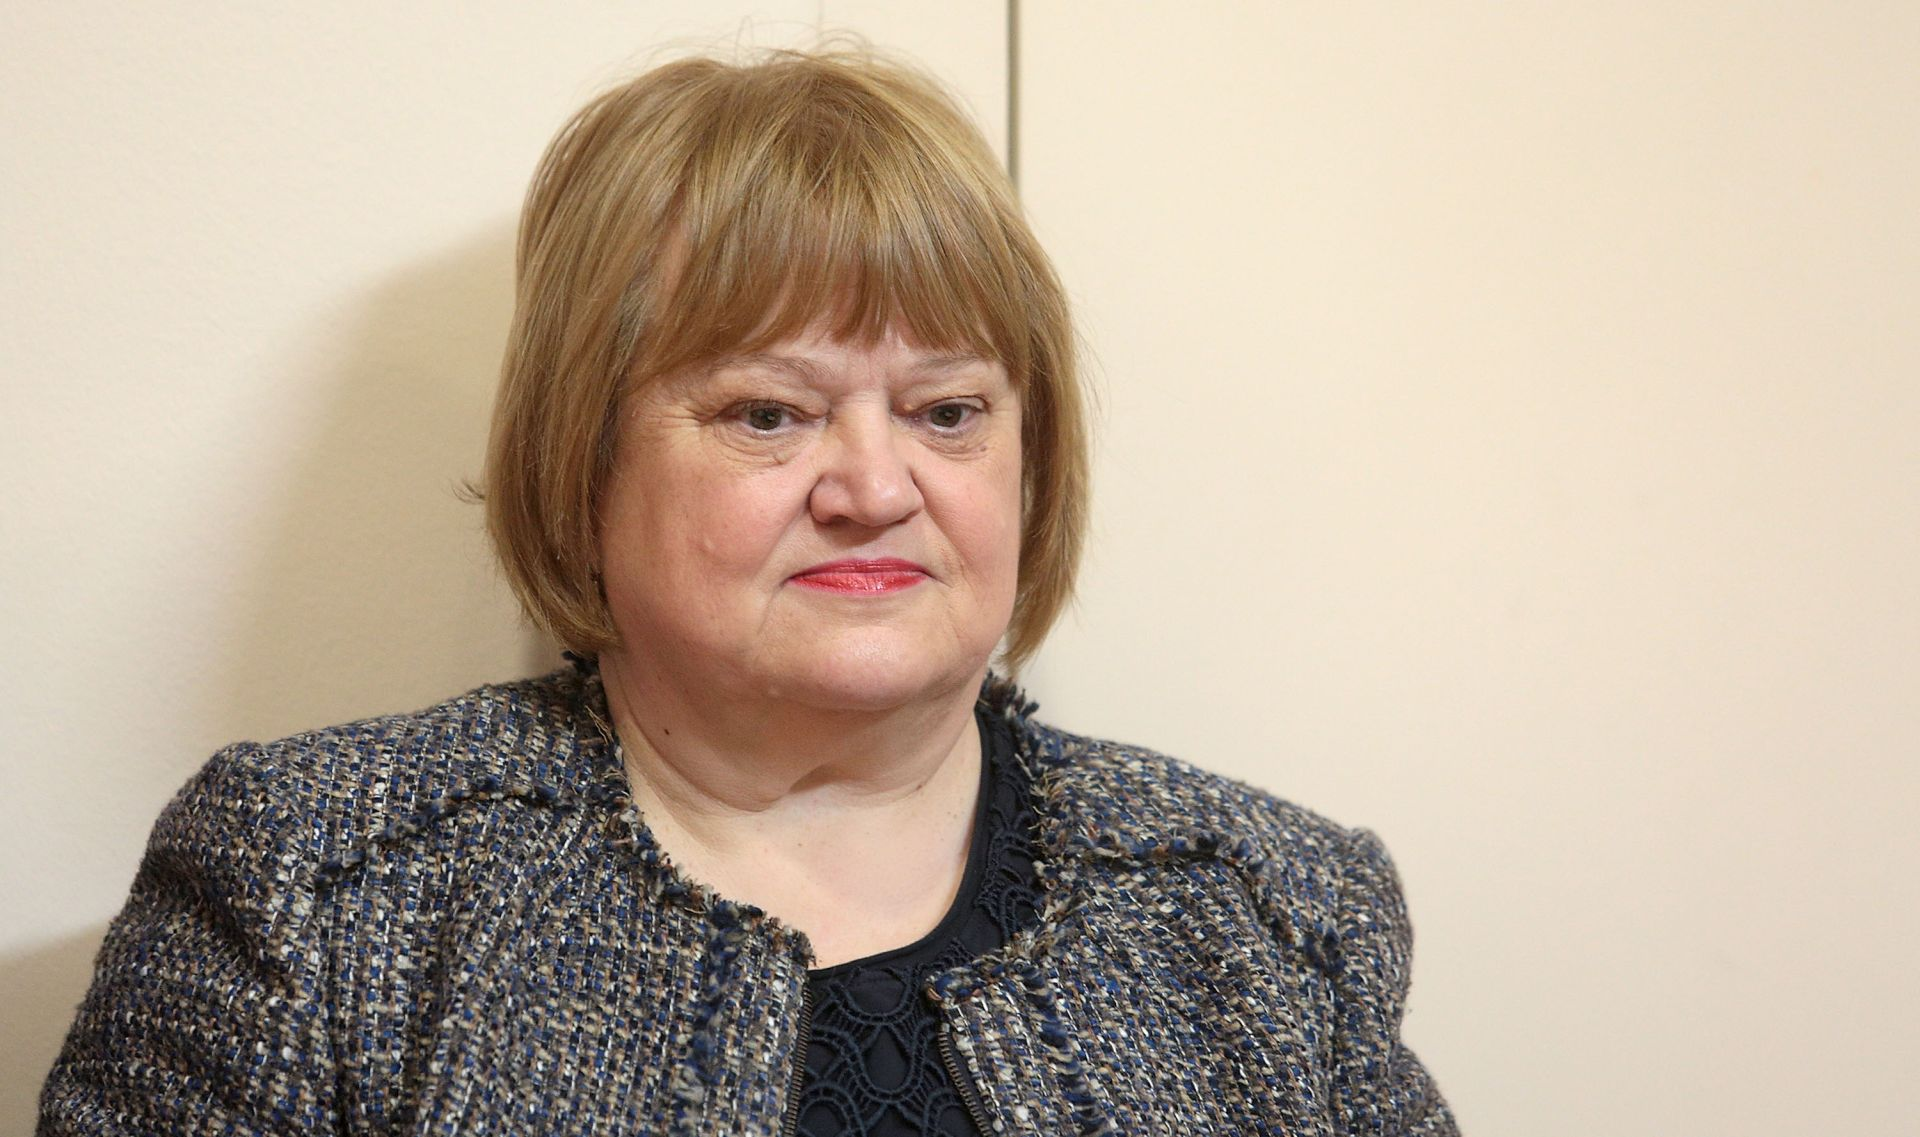 Zagrebački HNS: Gradske vlasti moraju se izjasniti jesu li financirale 'Hod za život'